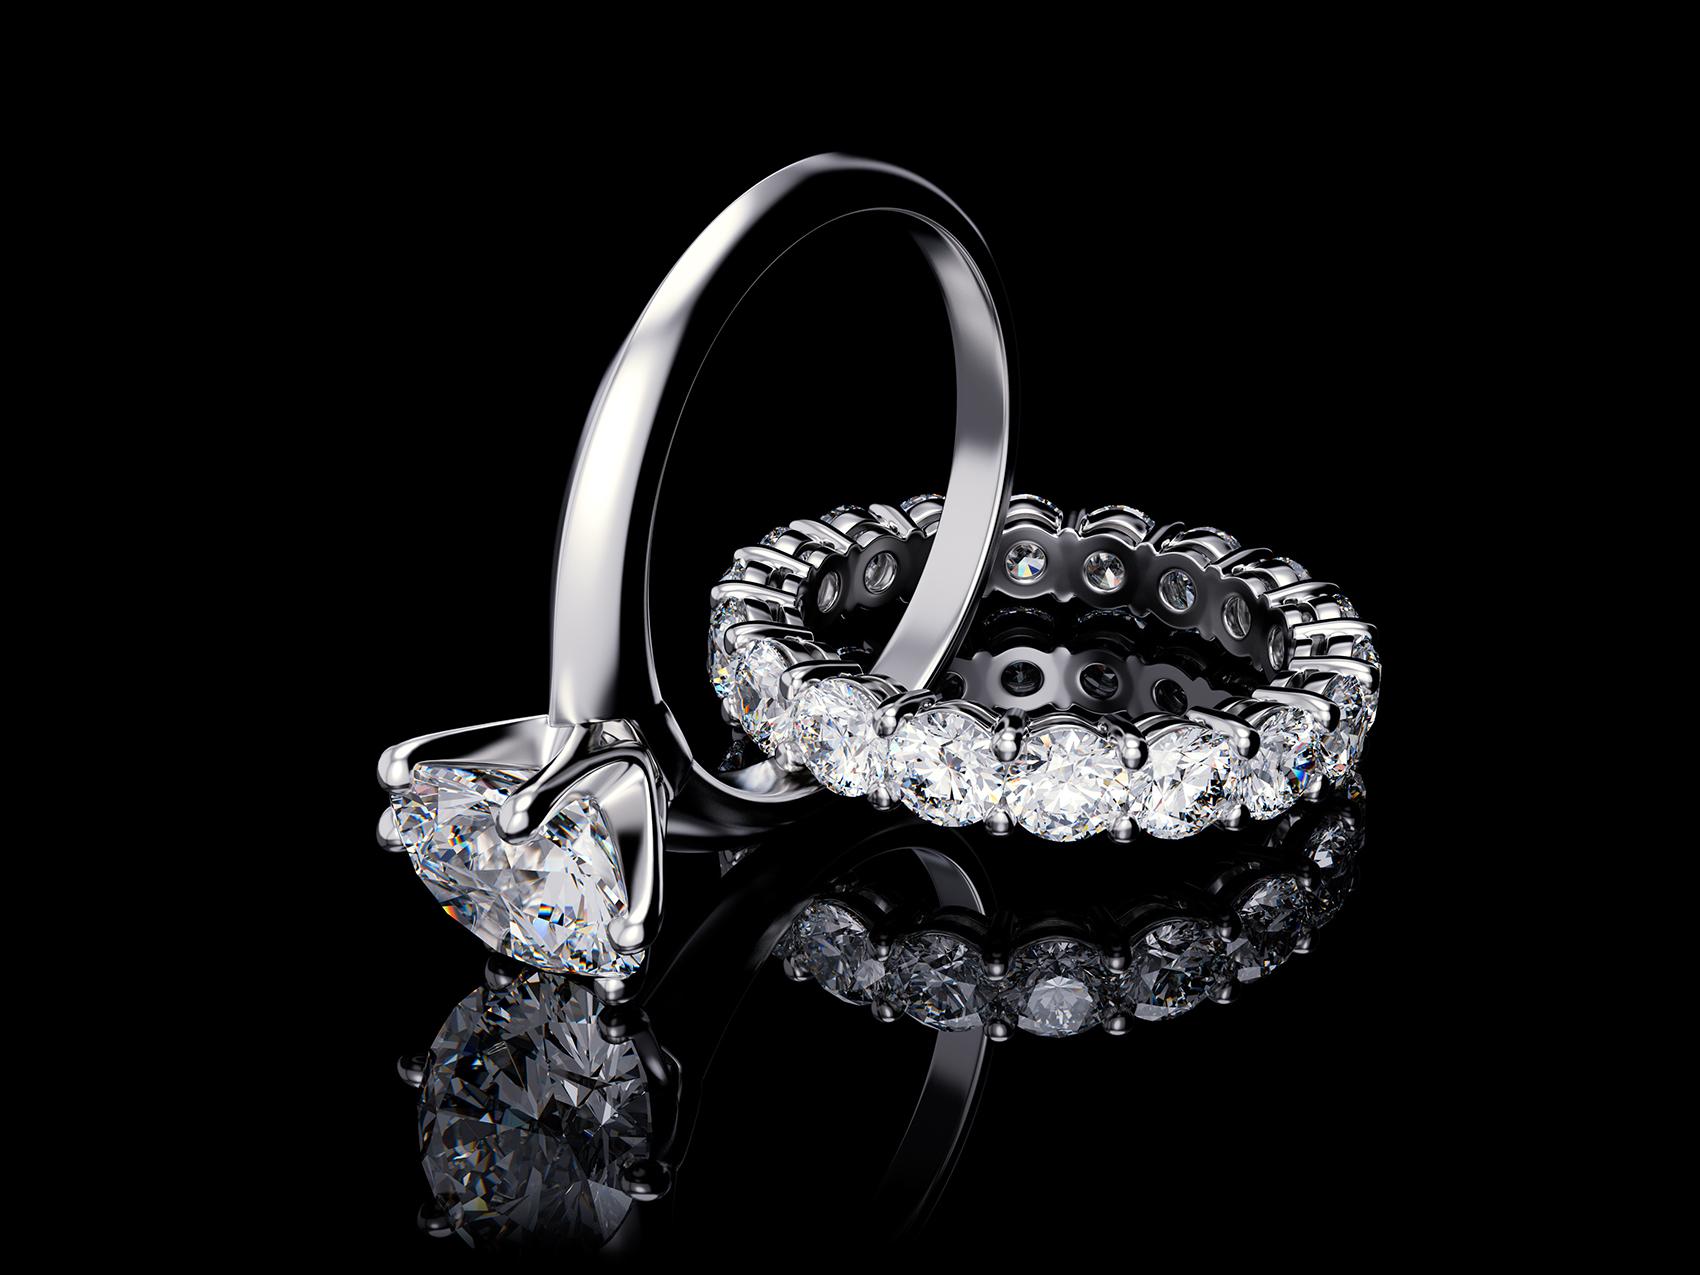 Diamond Rings in Warner Robins